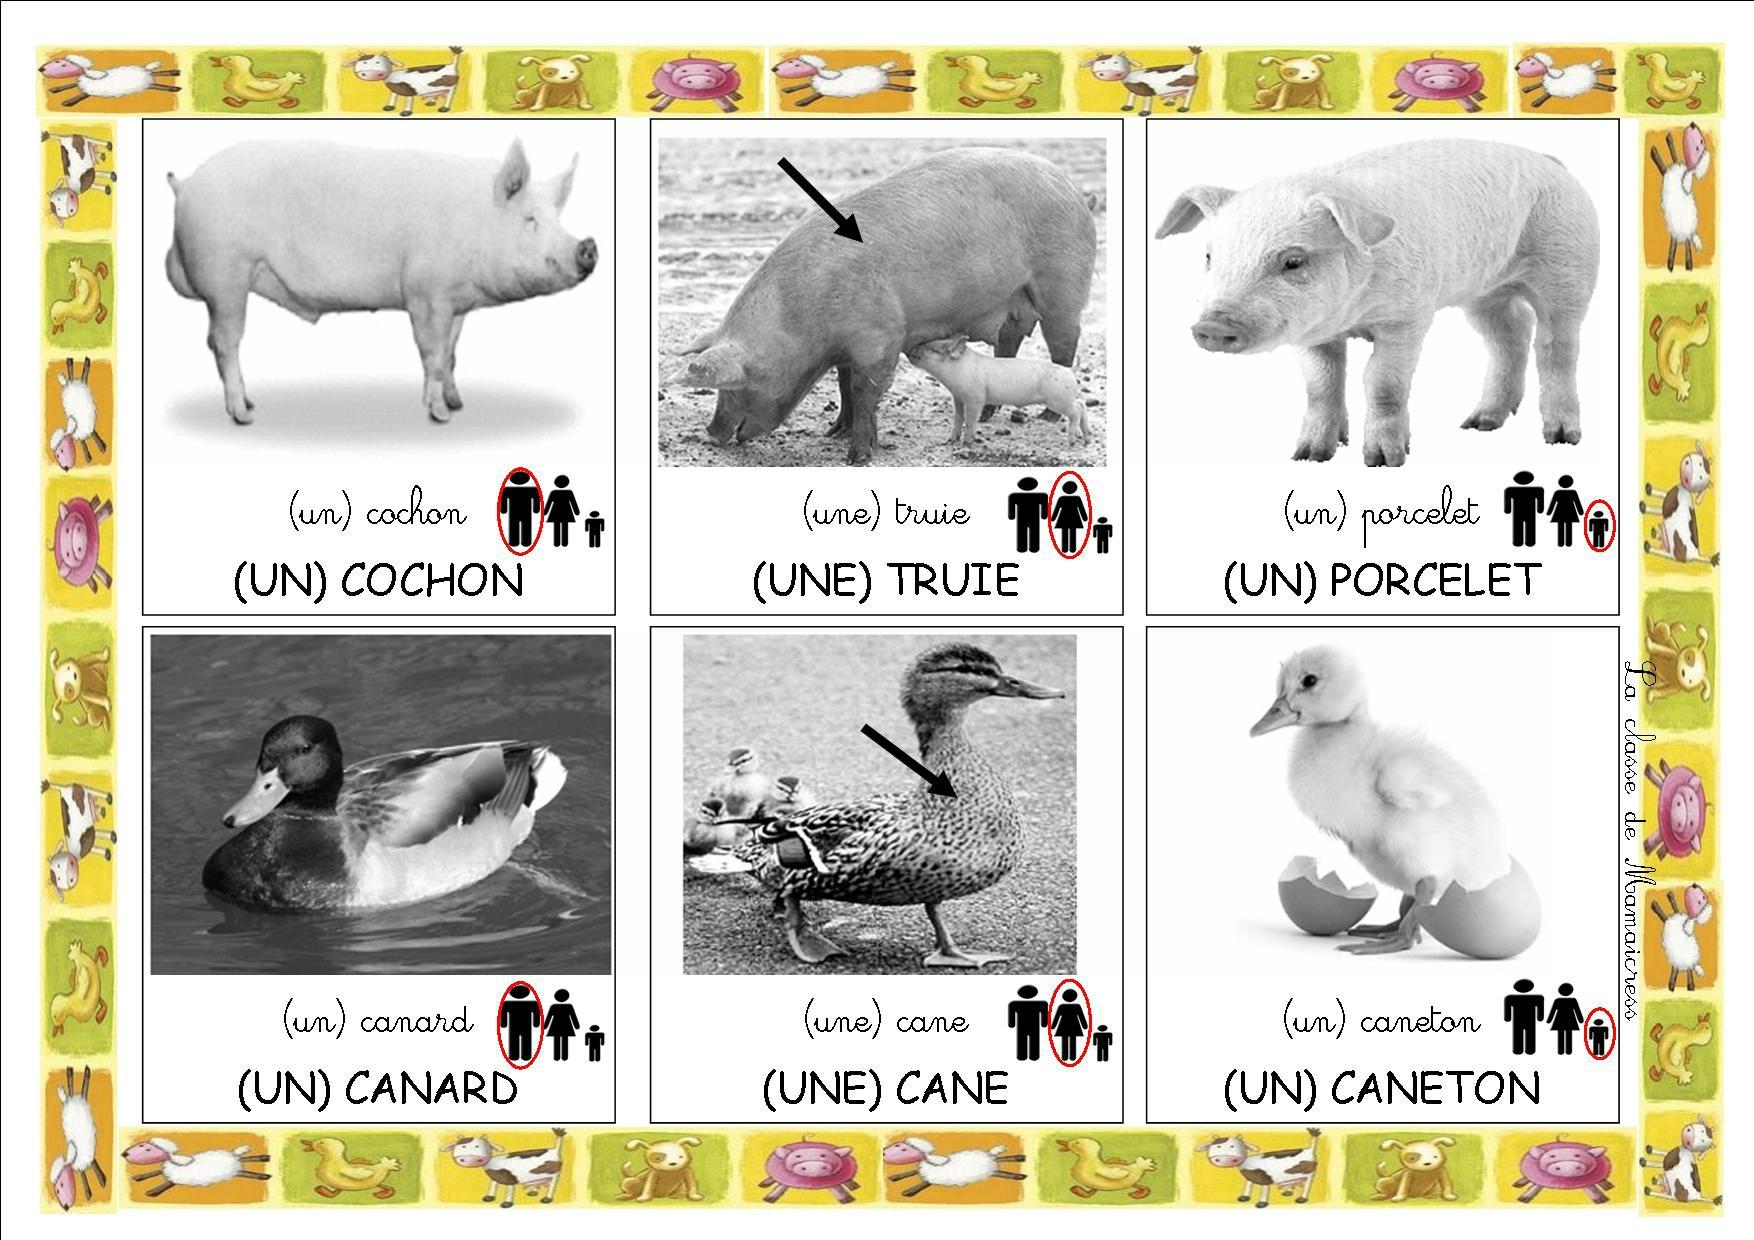 Loto Des Animaux De La Ferme - La Classe De Mamaicress pour Apprendre Le Nom Des Animaux